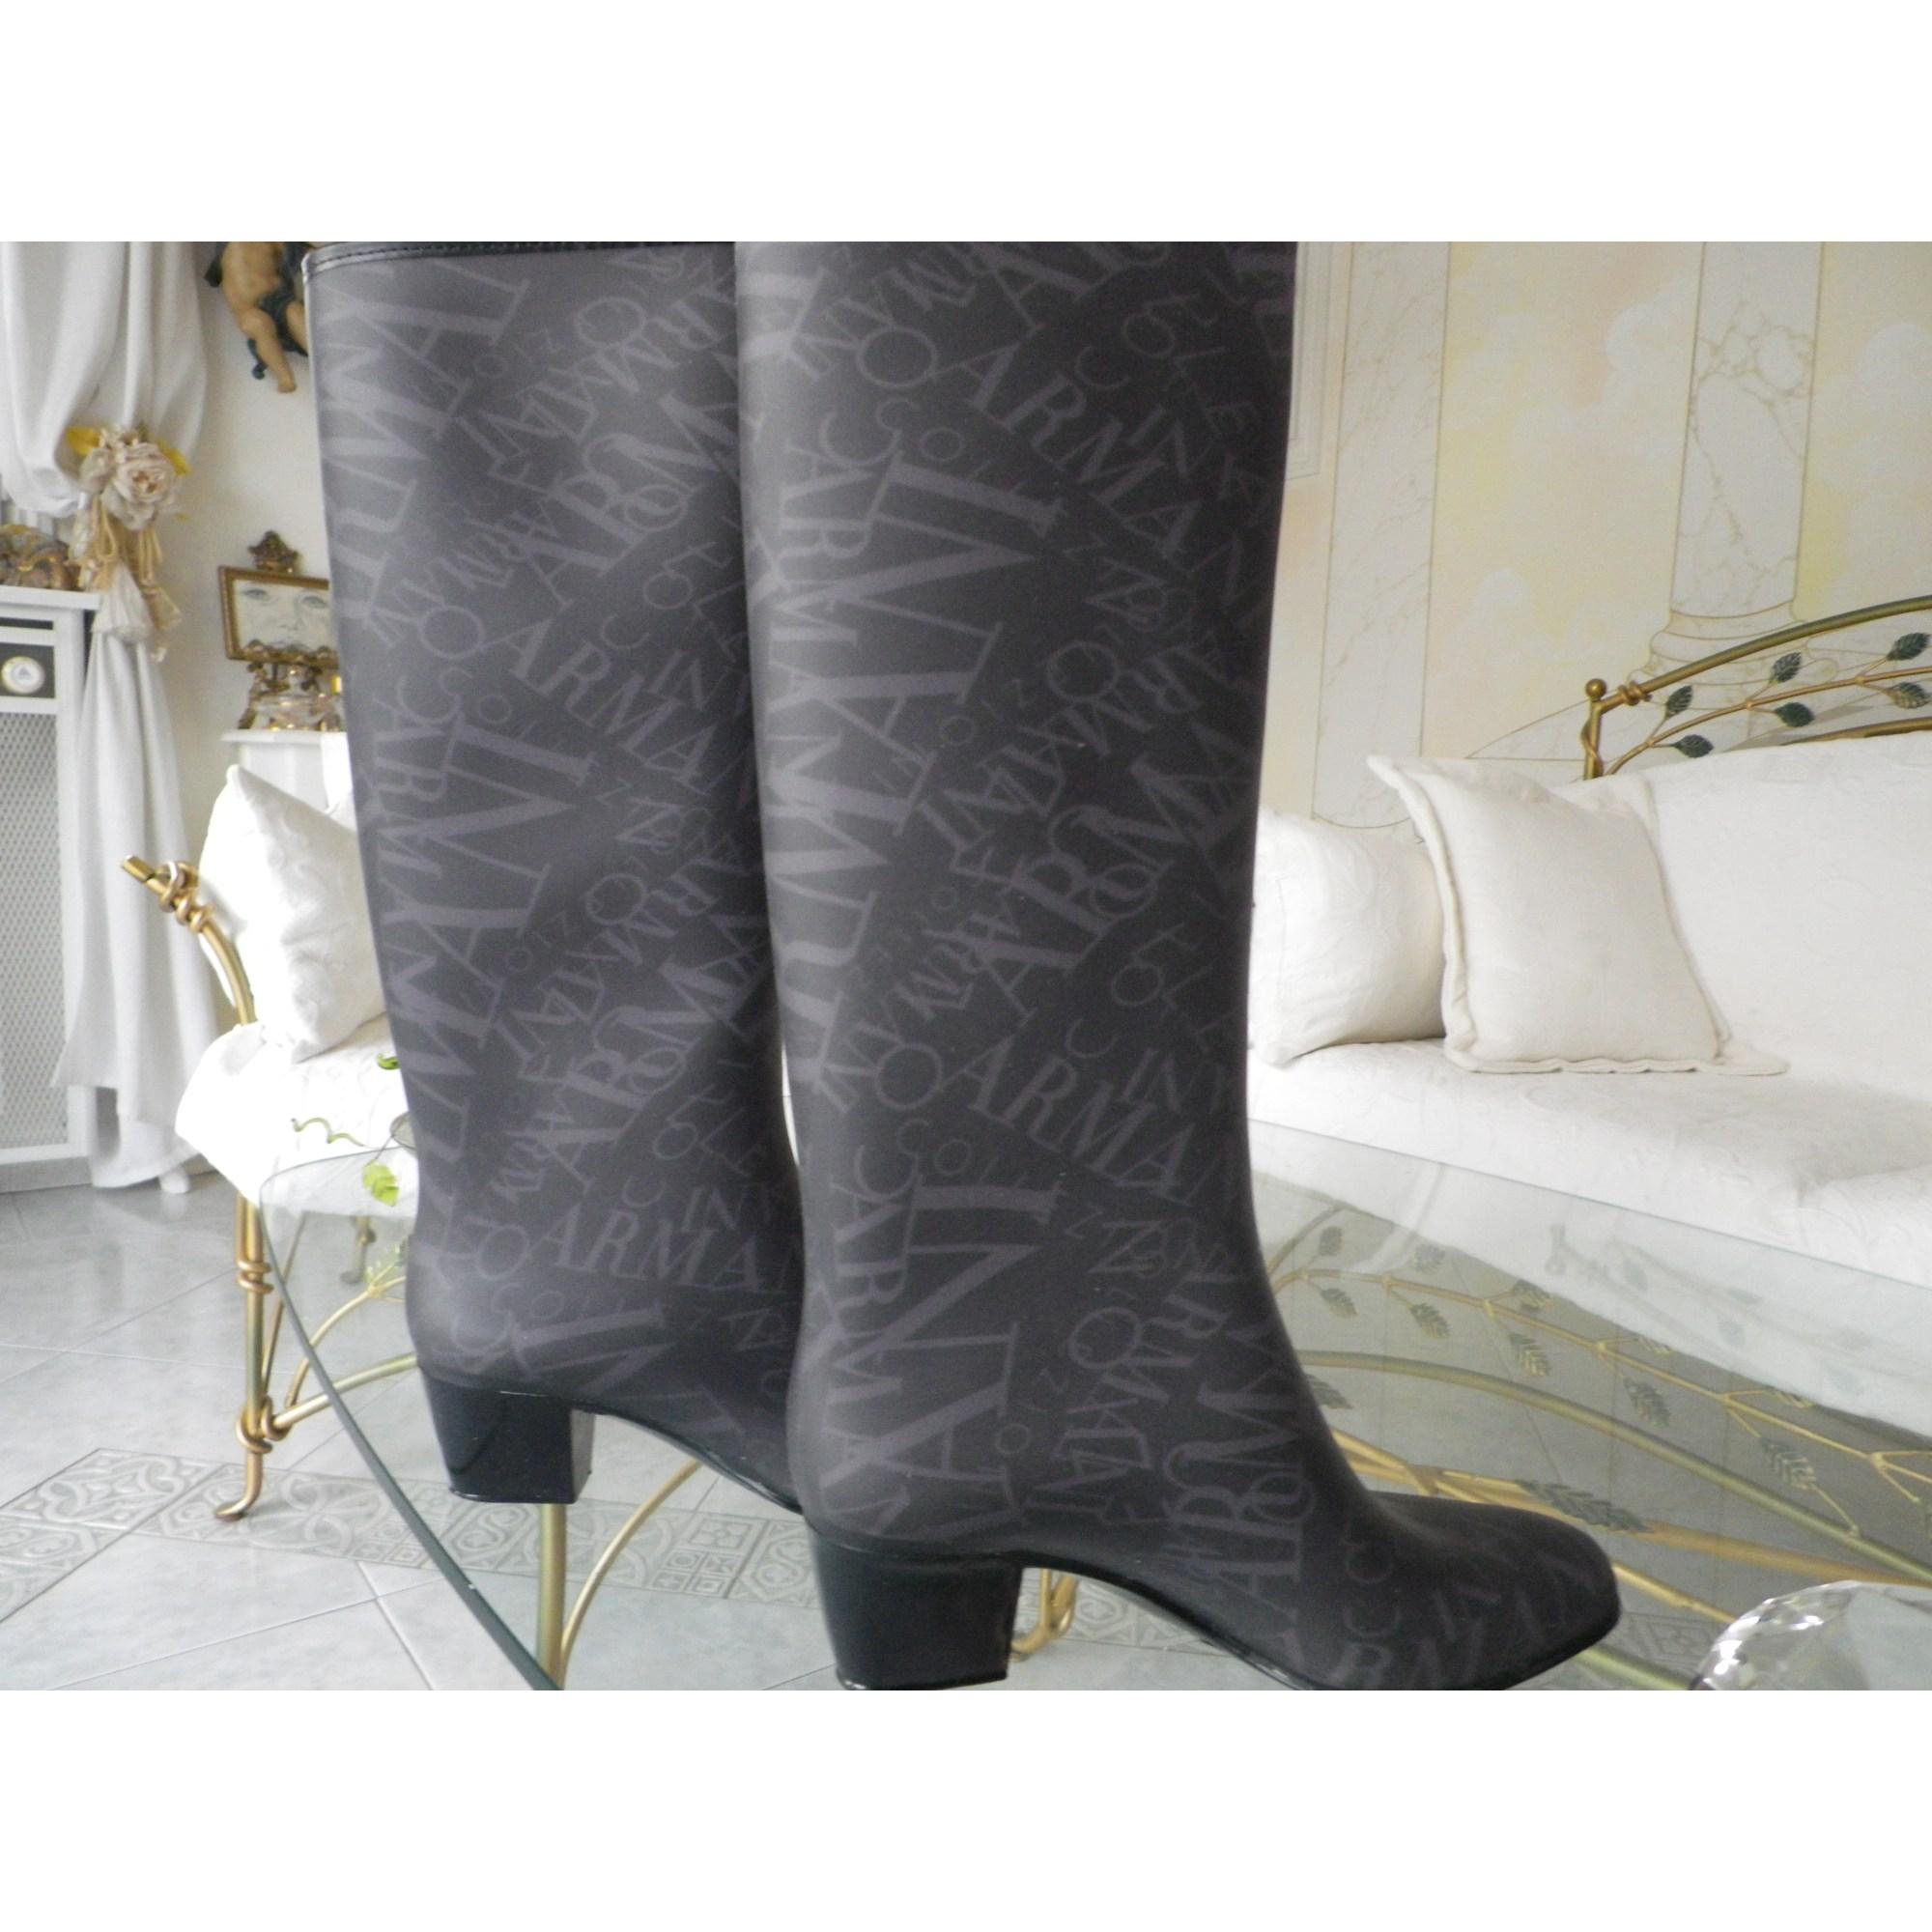 Bottes de pluie ARMANI 38 gris vendu par Pierrette 8145281 - 2523725 5c87b43c4982